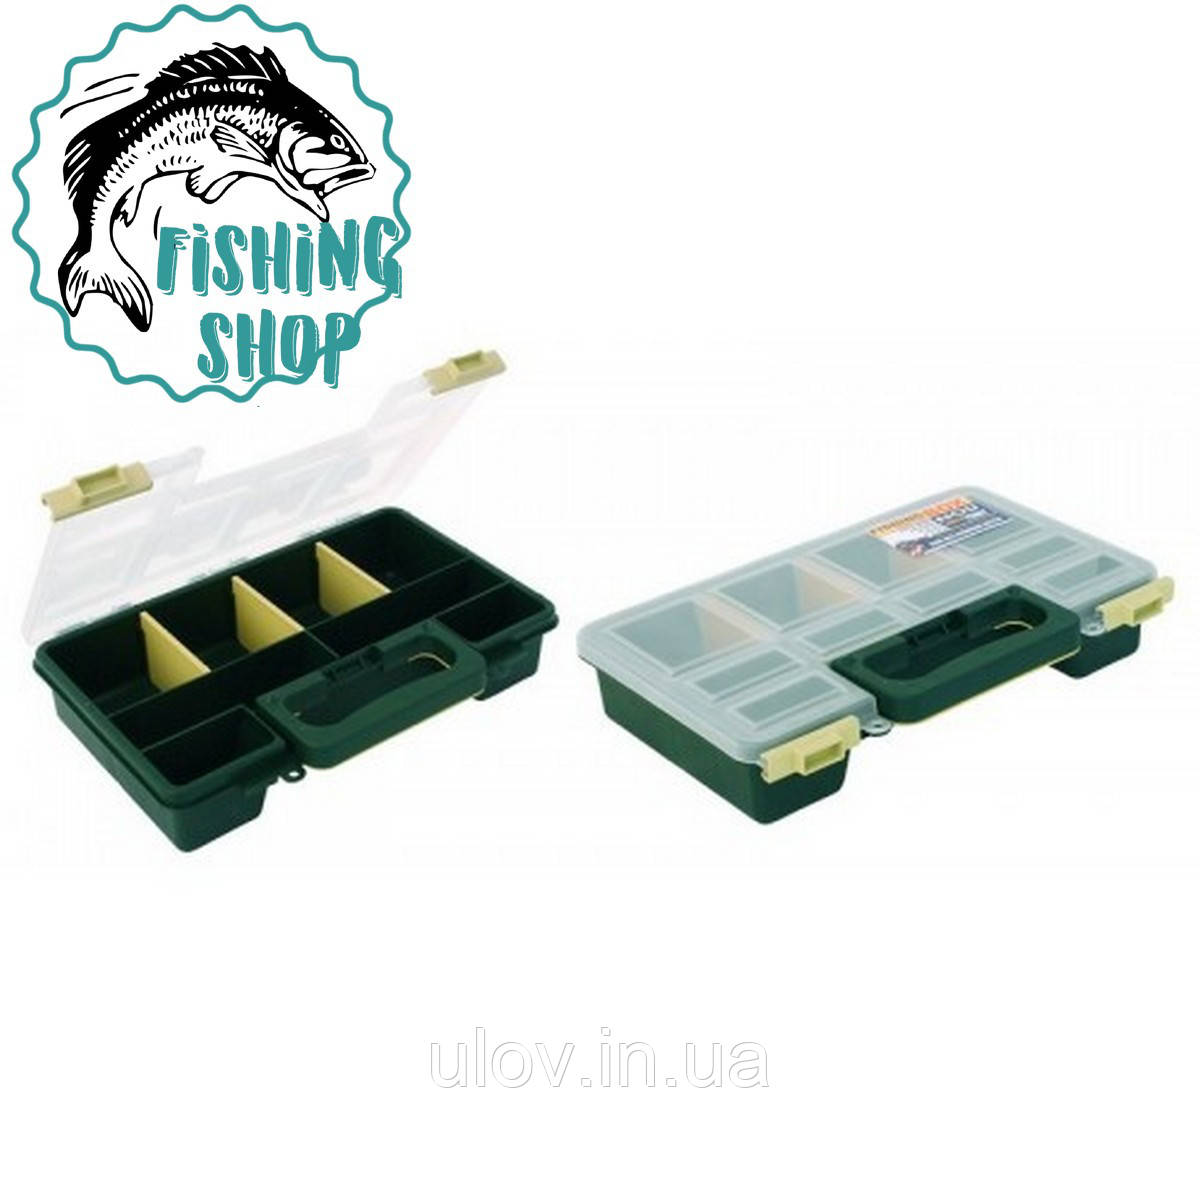 Ящик Fishing Box 358